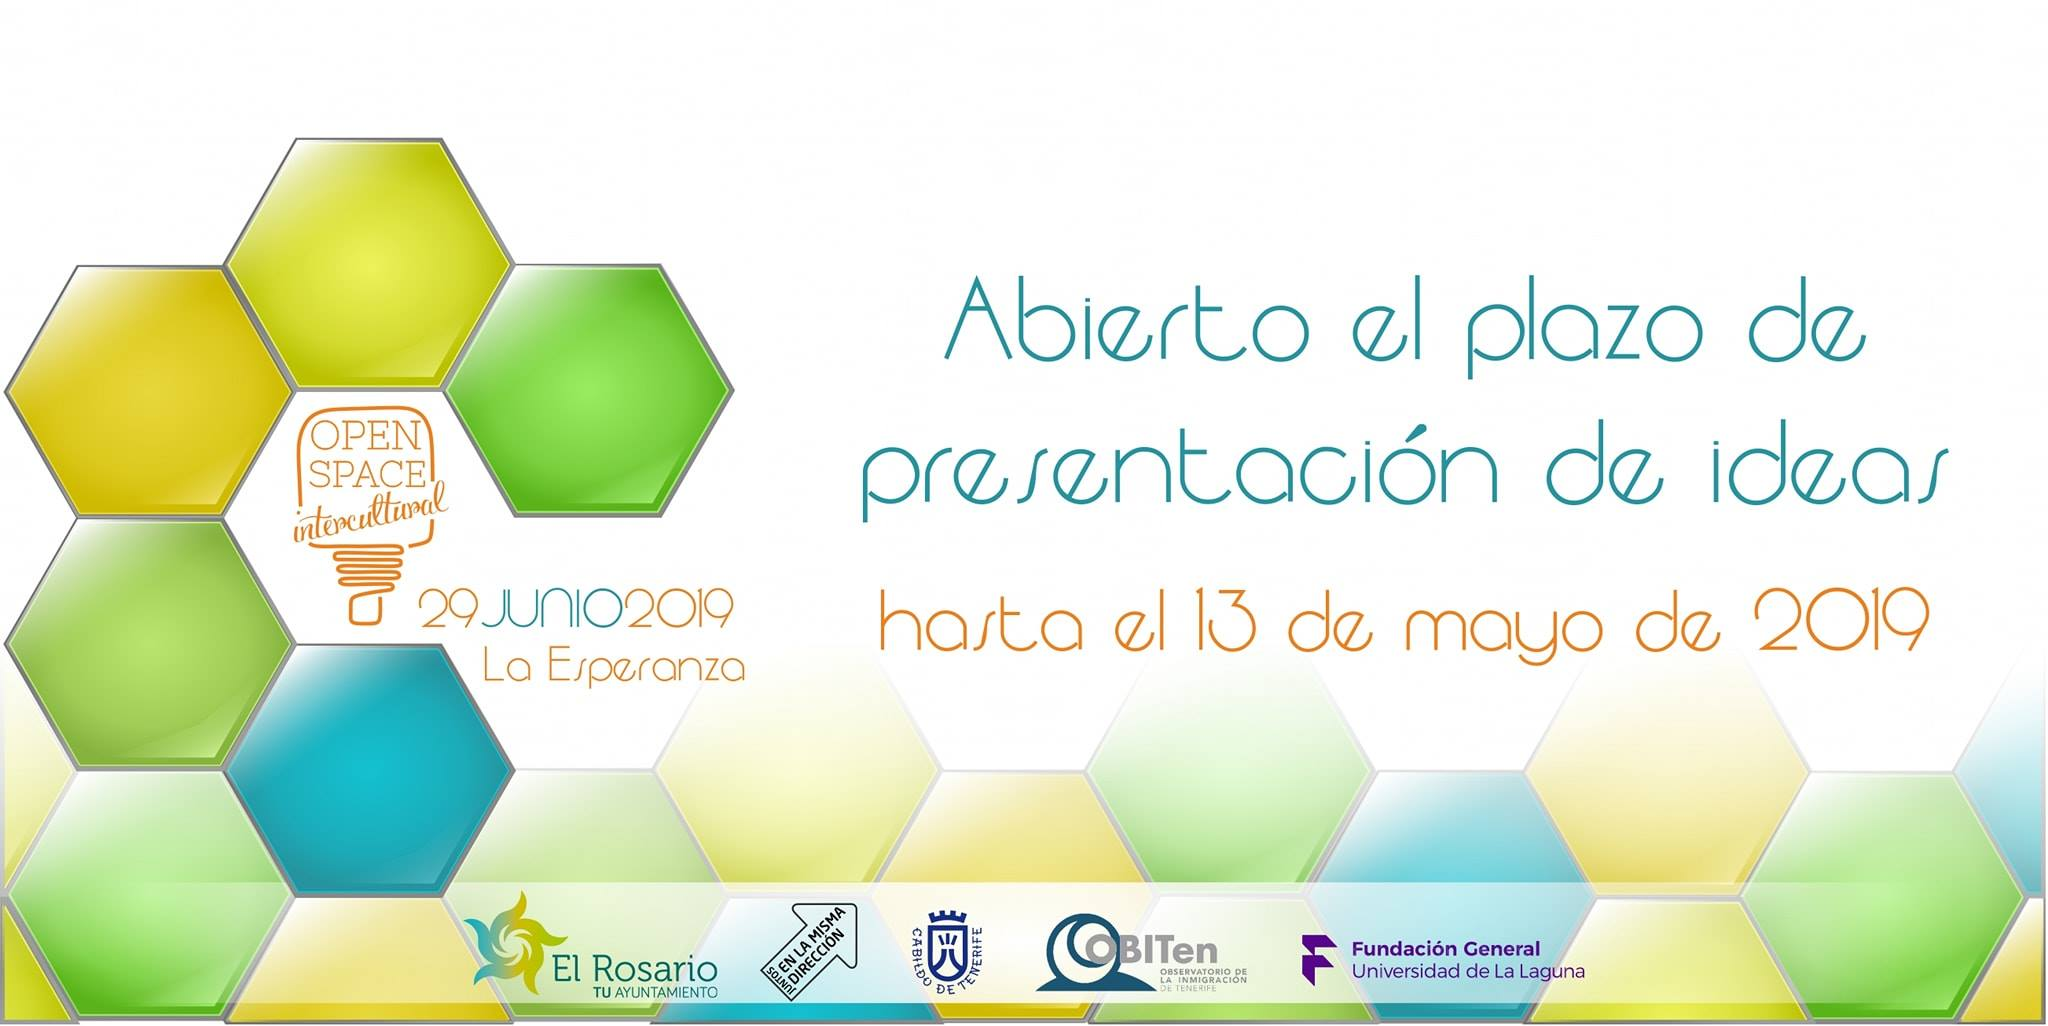 IX Open Space Intercultural Plazo